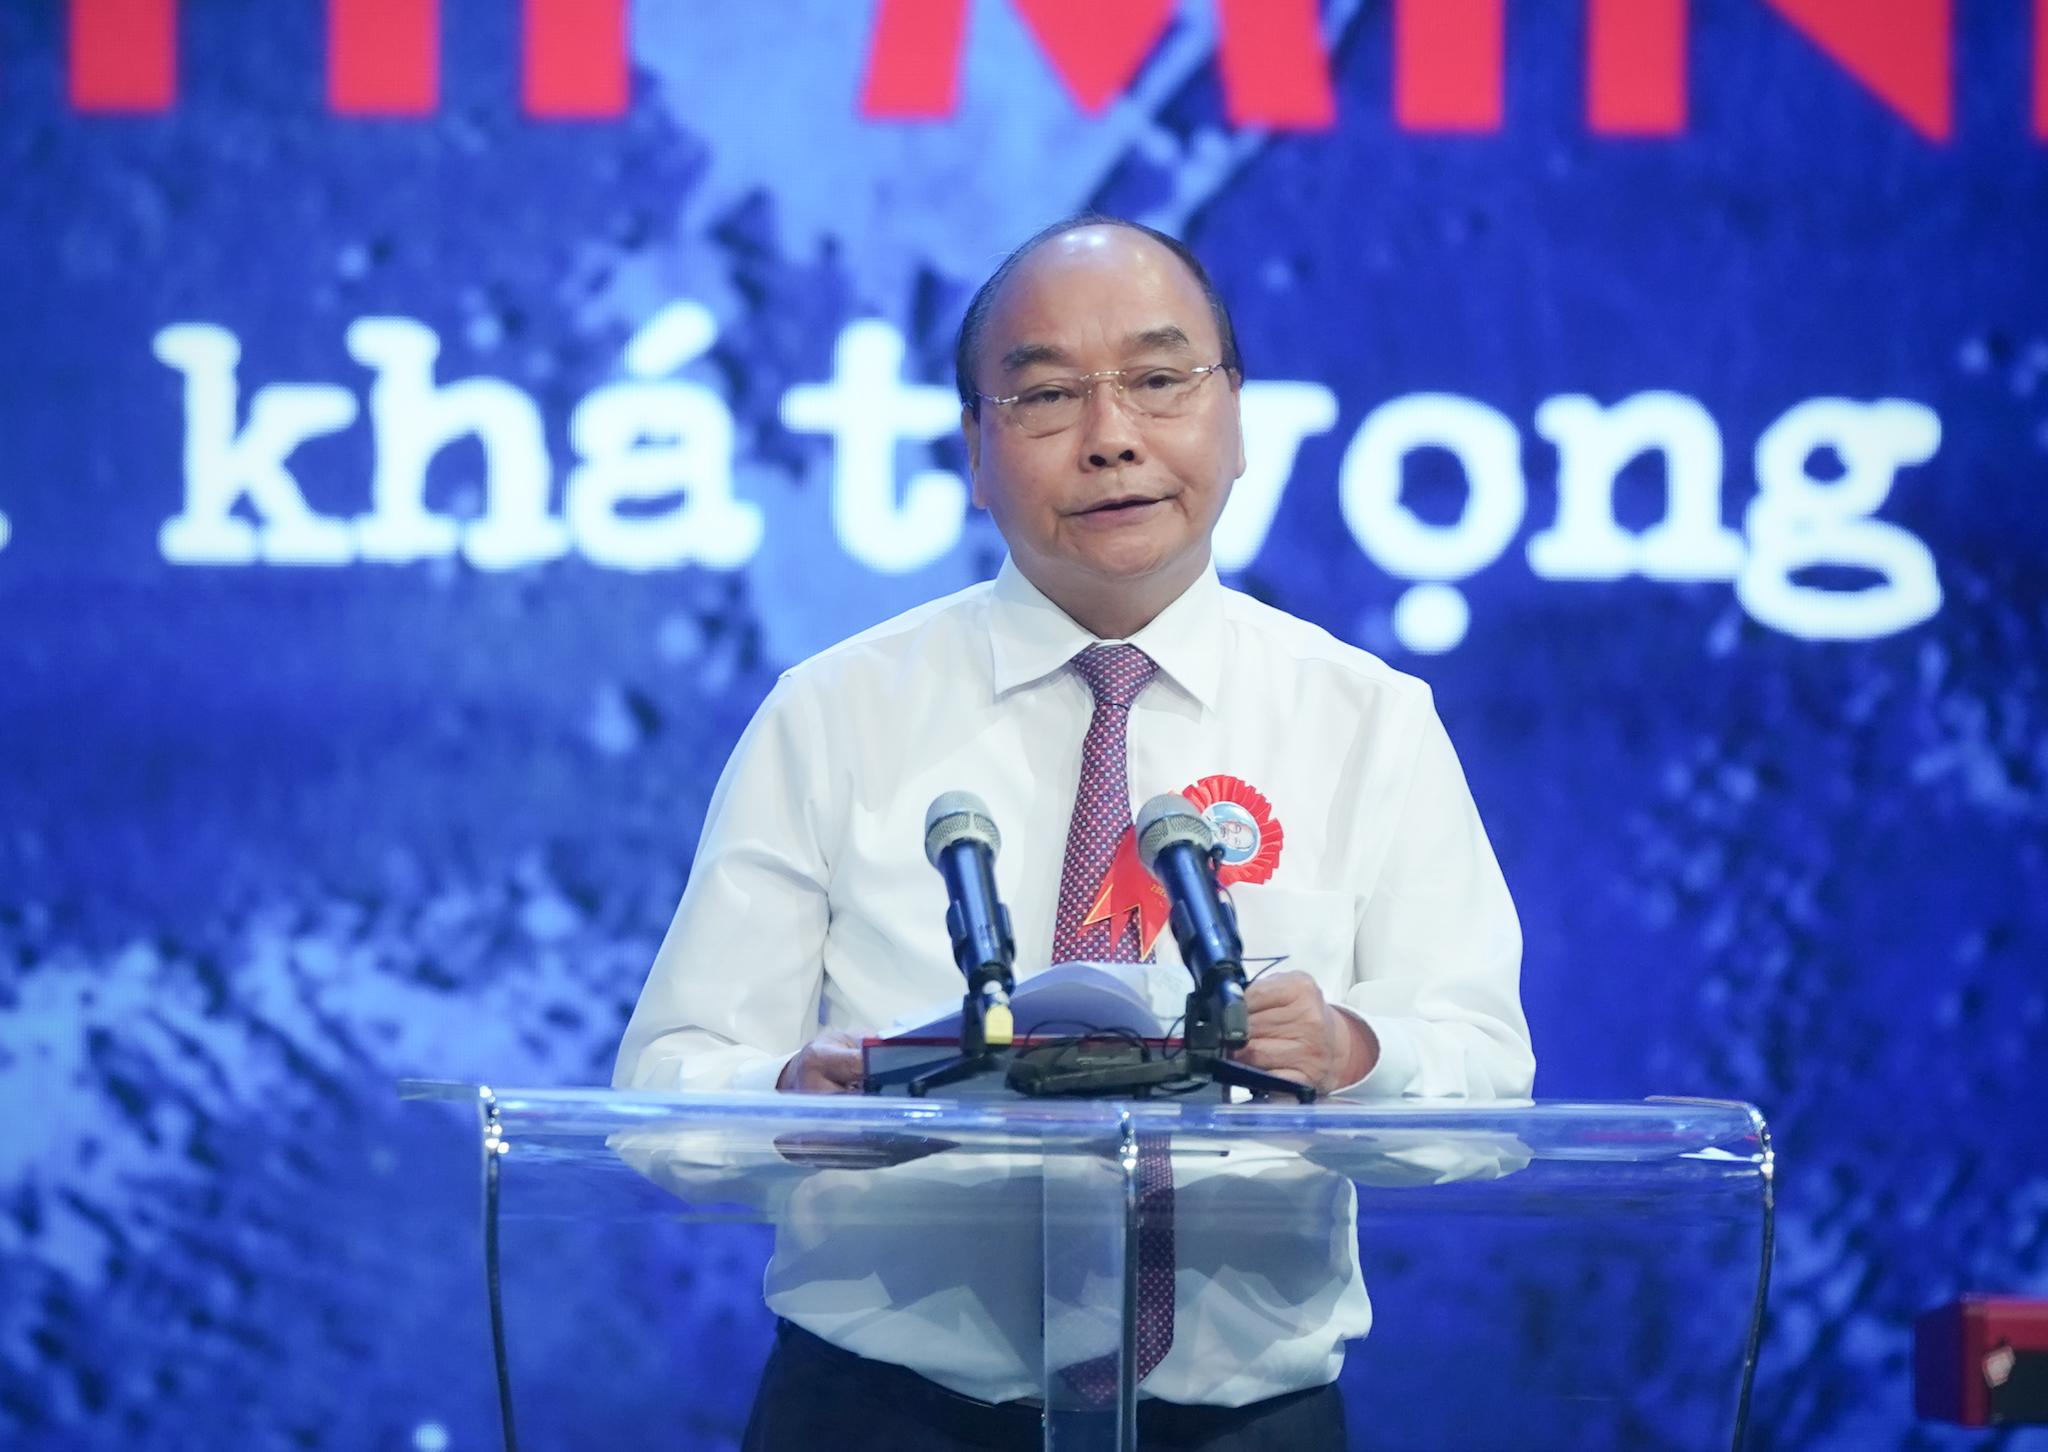 """Học tập và làm theo tư tưởng, đạo đức, phong cách Hồ Chí Minh là cách thiết thực để xây dựng nước Việt Nam """"hùng cường"""", """"sánh vai với các cường quốc năm châu"""""""